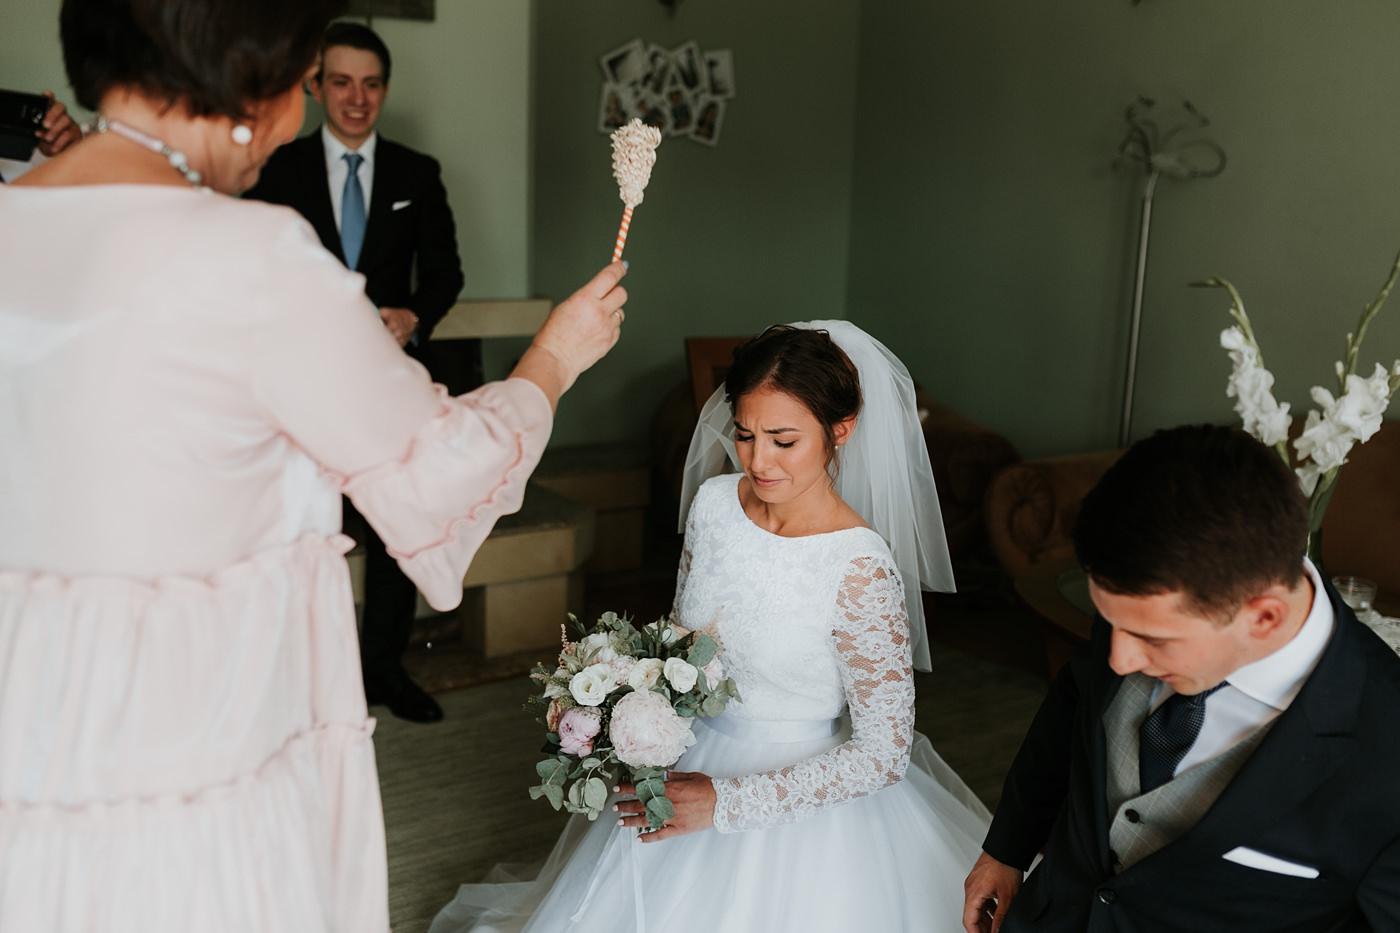 Dominika & Aleksander - Rustykalne wesele w stodole - Baborówko 28